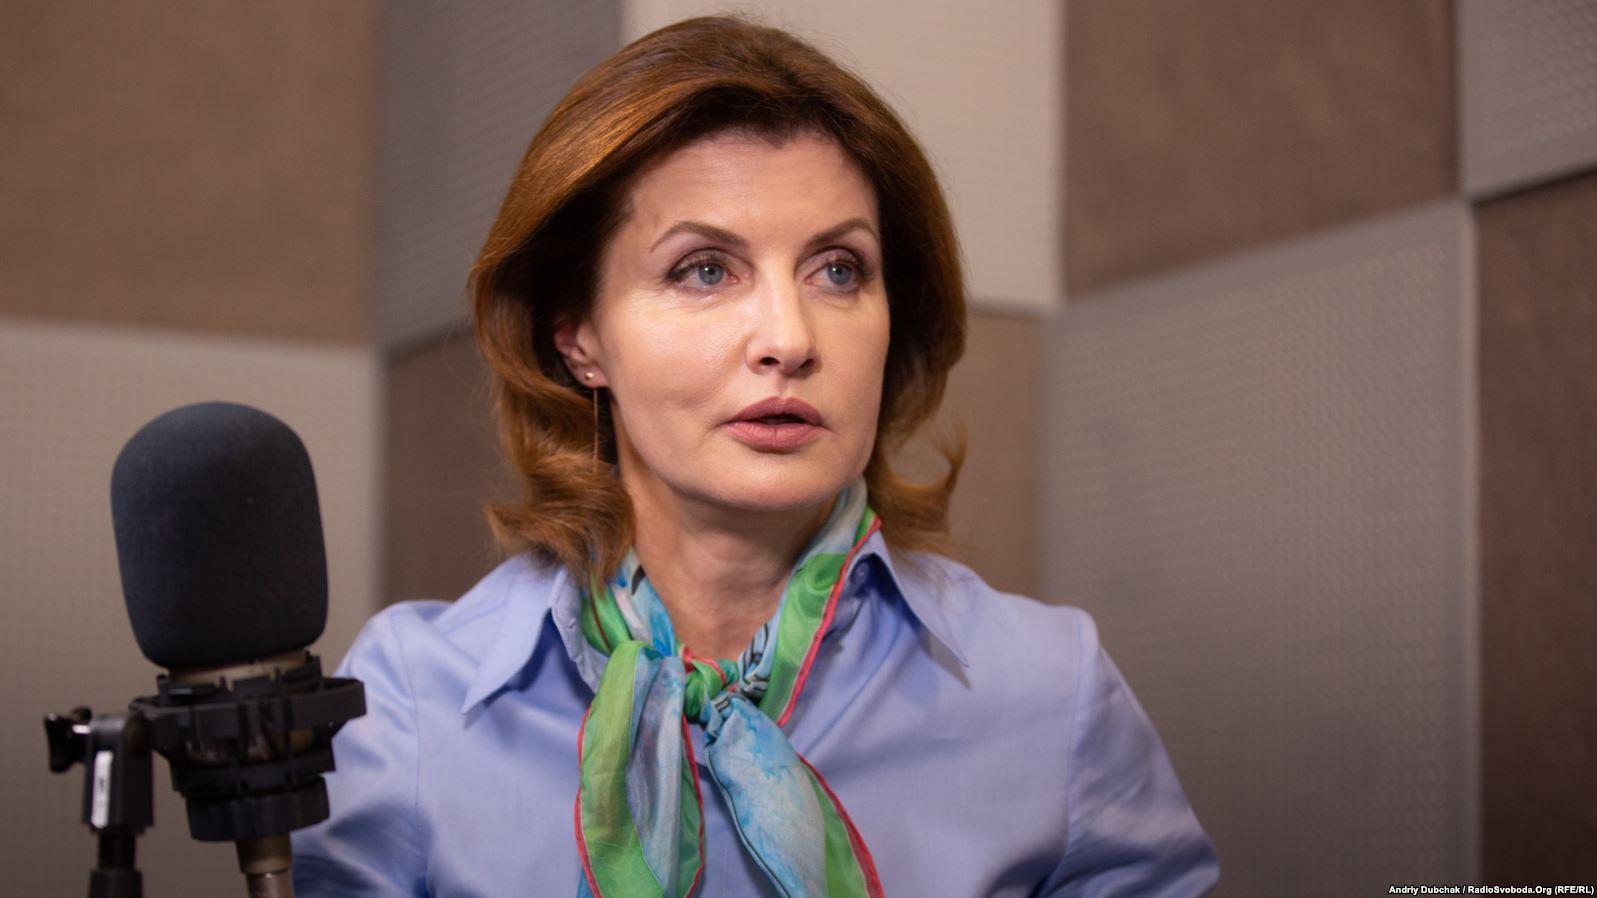 Кількість учнів, залучених до інклюзивної освіти, зросла втричі – Марина Порошенко (АУДІО)